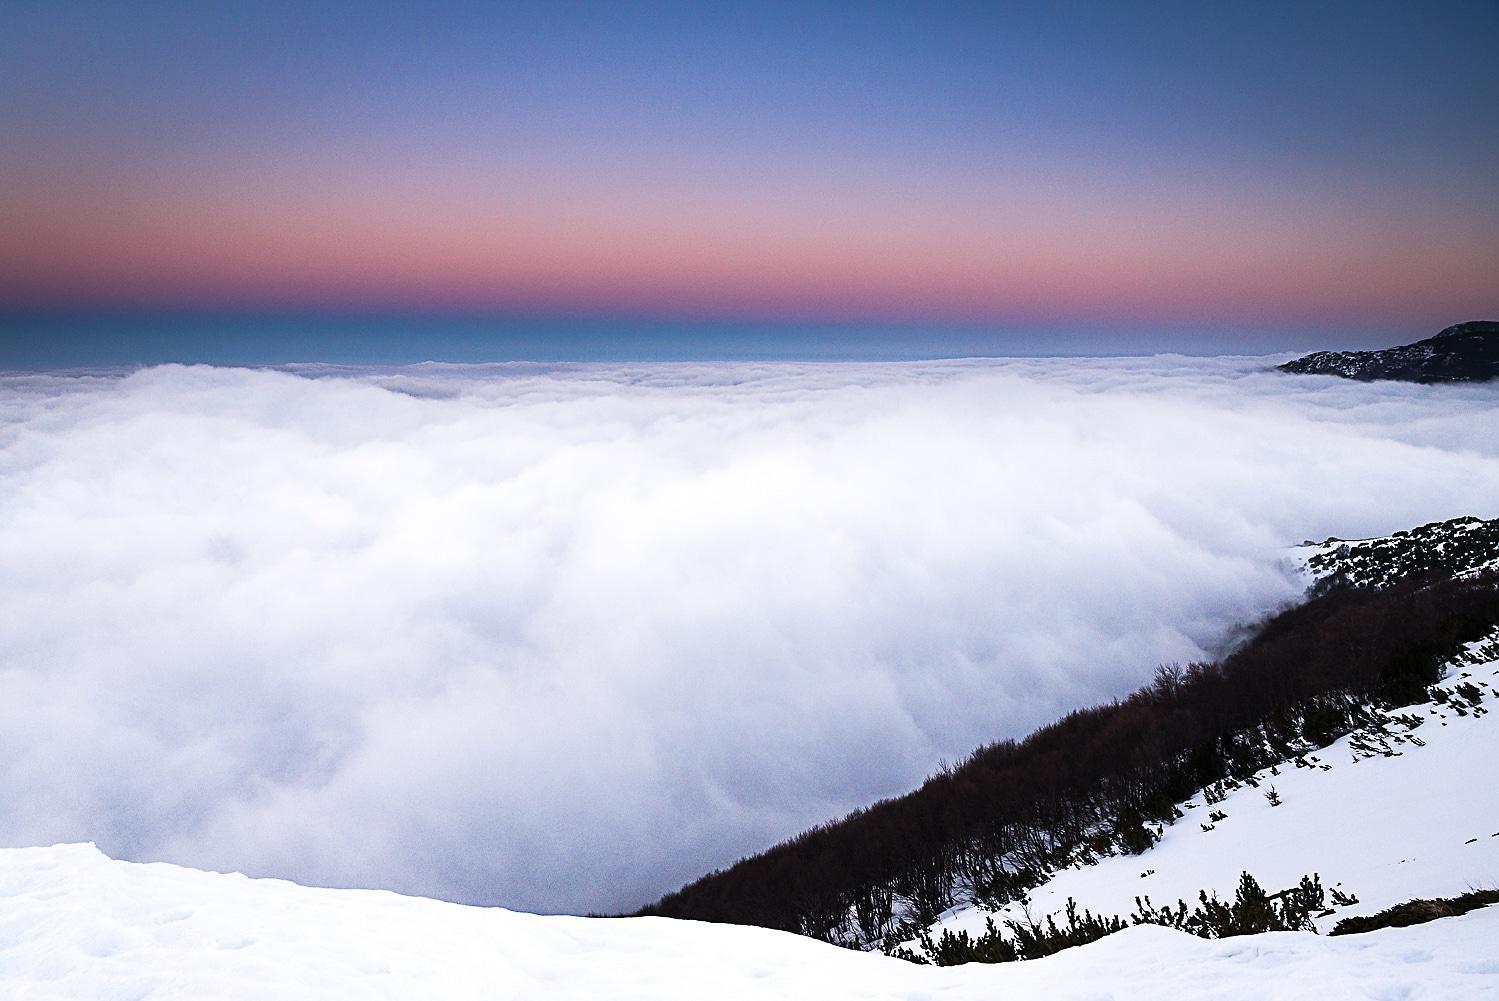 A due passi dal Paradiso. Il tramonto accende i colori del panorama dal Rifugio Pomilio e le soffici nuvole